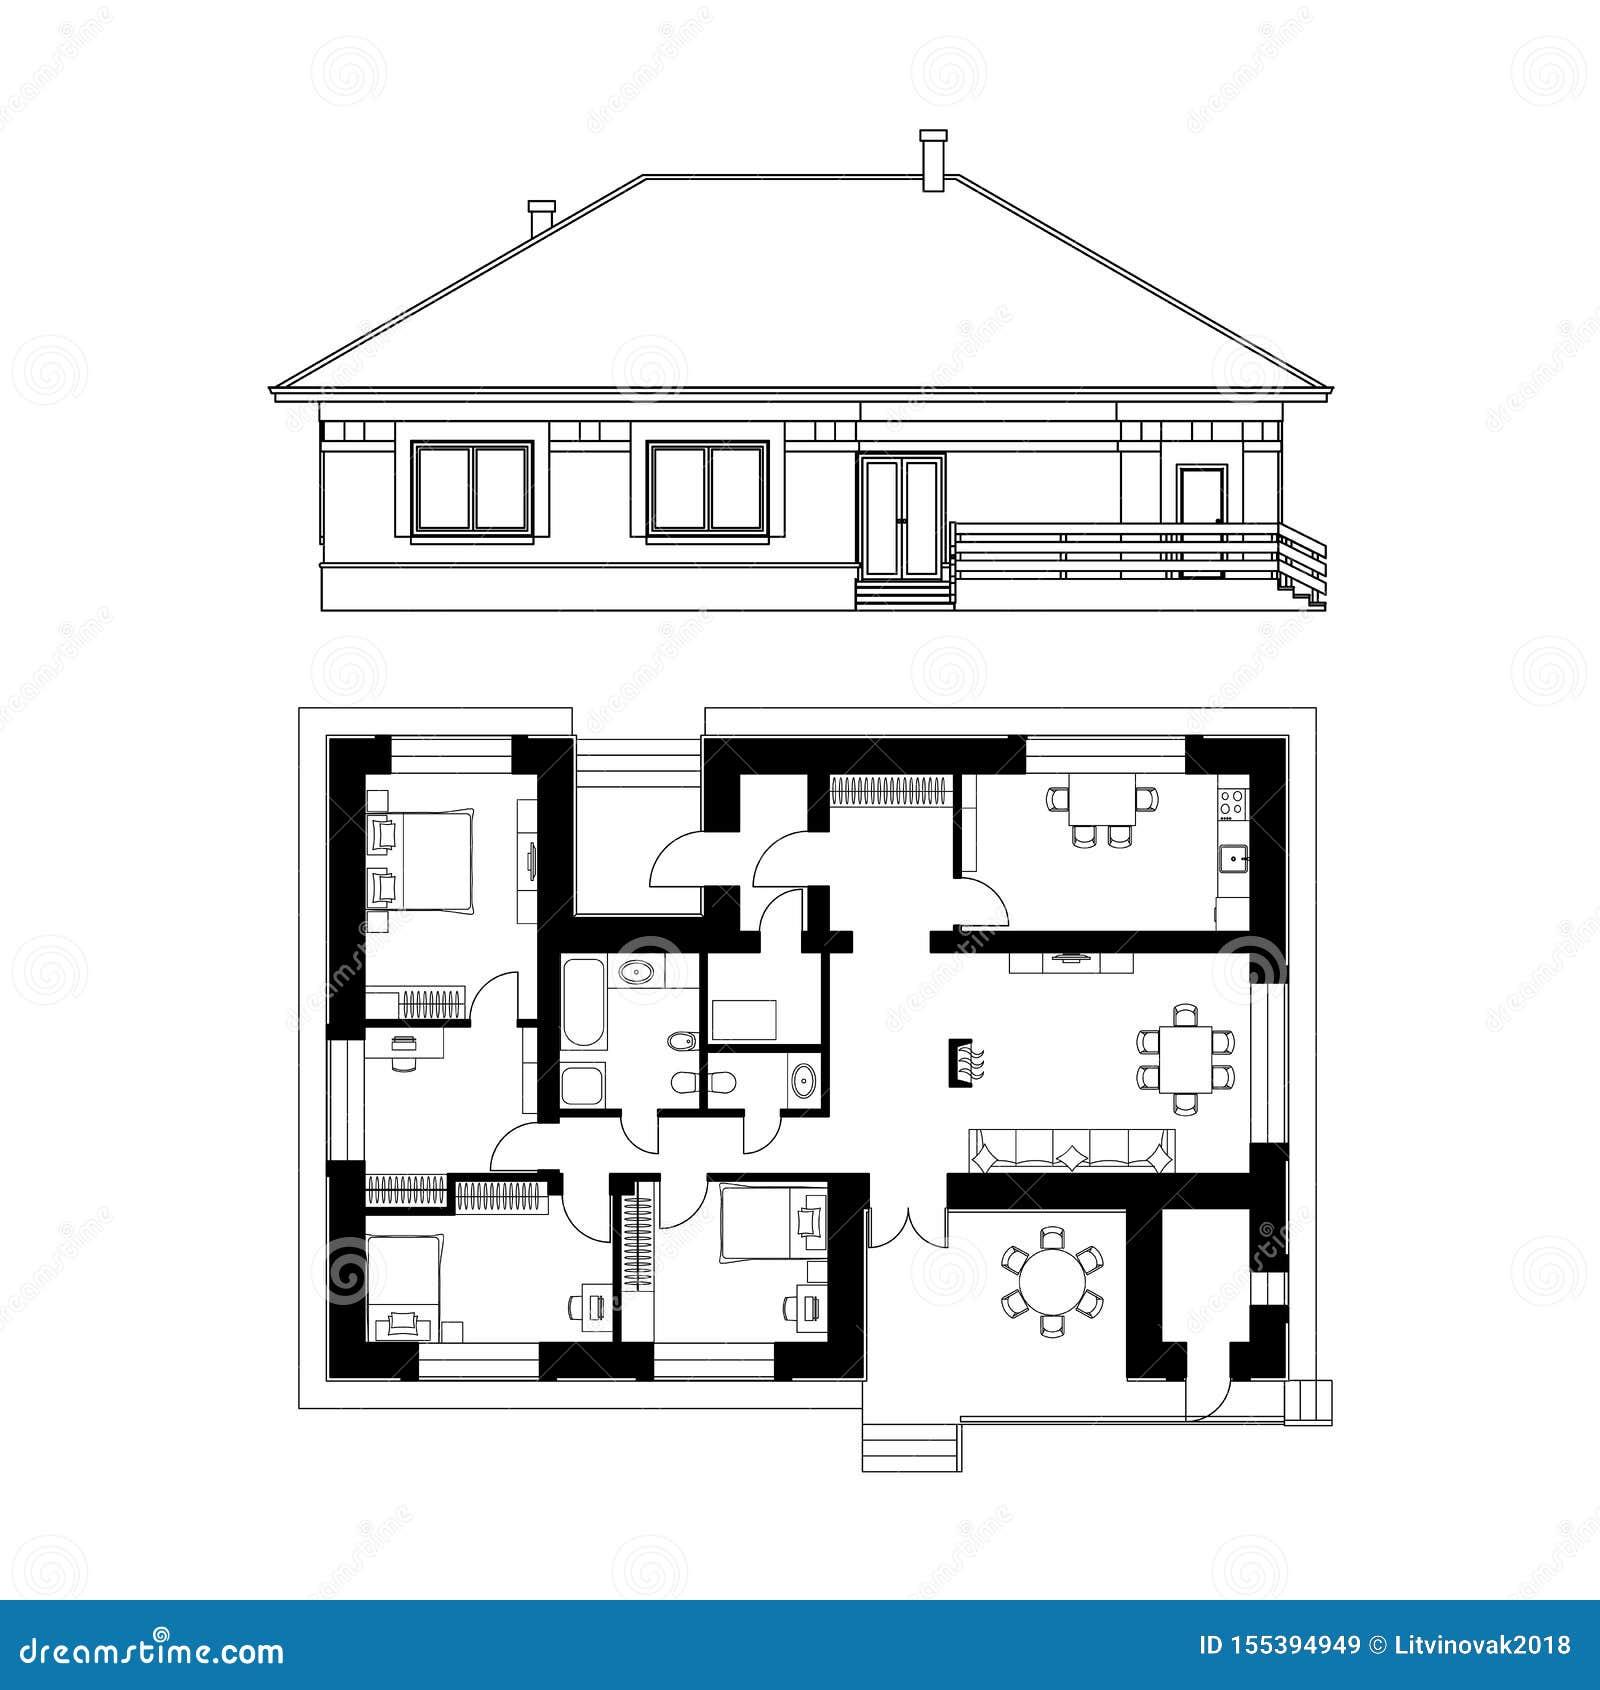 Projeto arquitetónico de uma casa Tiragem da fachada e da planta baixa da casa de campo ilustra??o real?stica do vetor